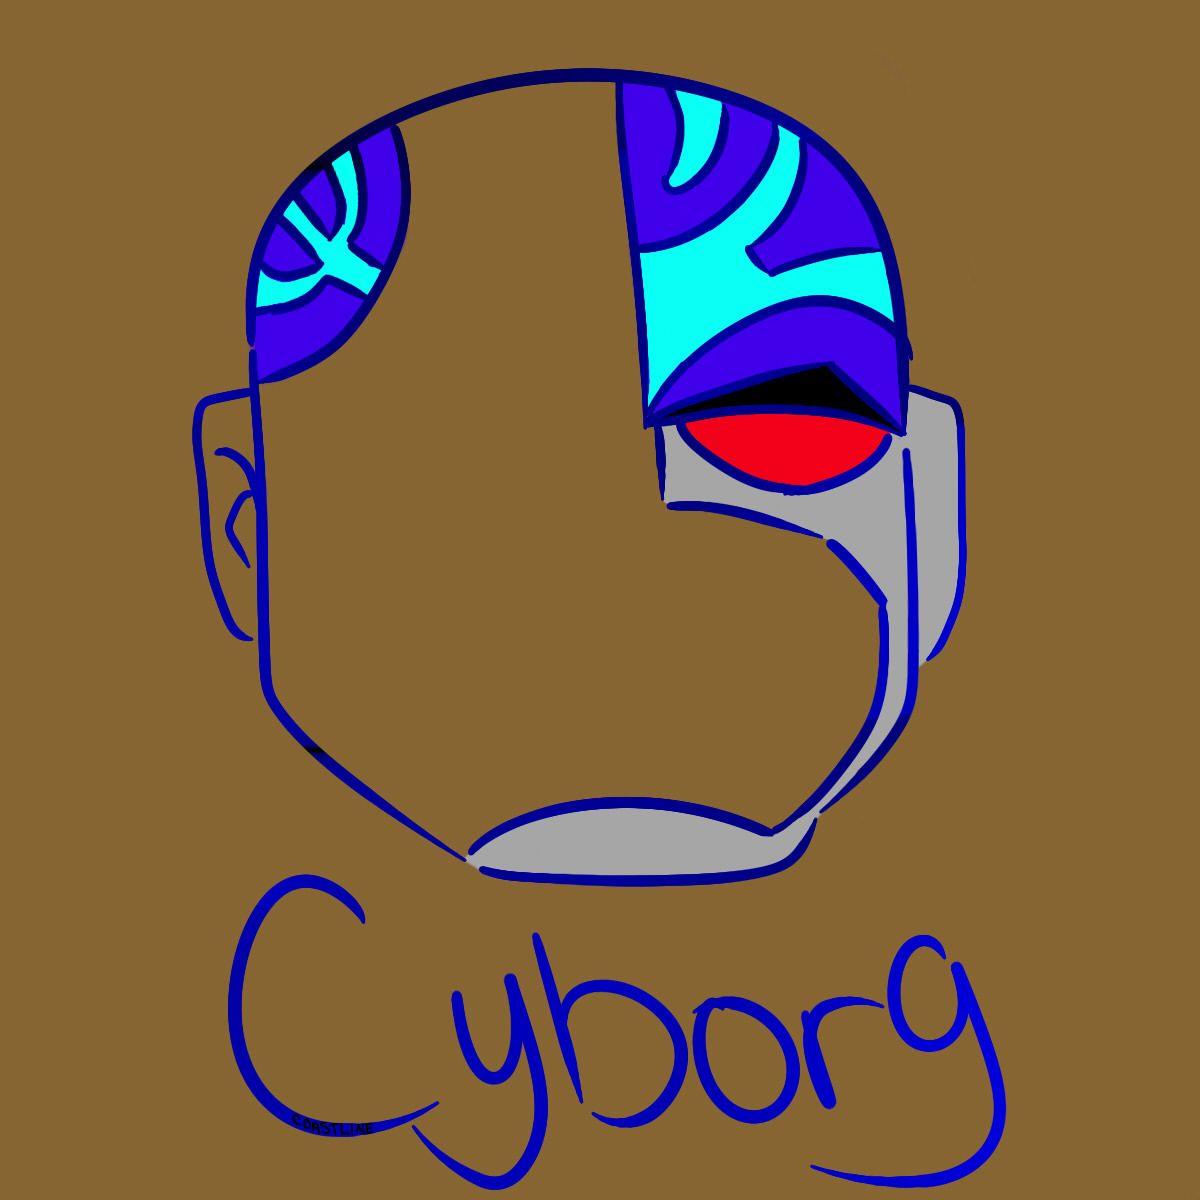 Teen Titans Cyborg For Ya  Teen Titans  Teen Titans Cyborg, Old Teen Titans, Teen Titans-5700